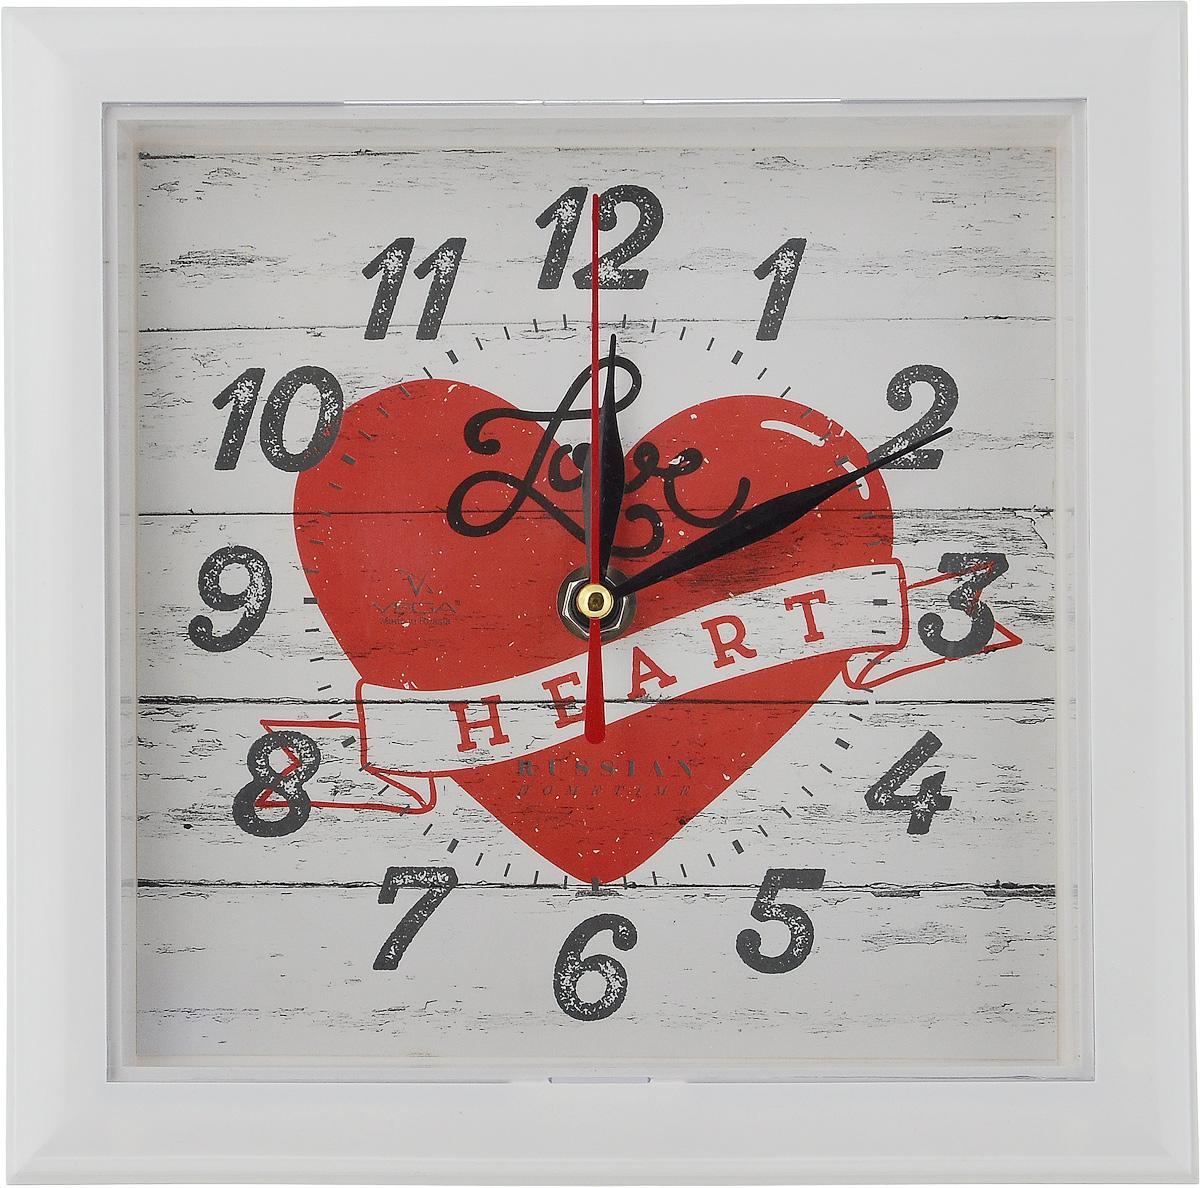 Часы настенные Вега Сердце, 20,6 х 20,6 х 3,5 смП3-7-124Настенные кварцевые часы Вега Сердце, изготовленные изпластика, прекрасно впишутся в интерьер вашего дома. Часыимеют три стрелки: часовую, минутную и секундную, циферблатзащищен прозрачным стеклом.Часы работают от 1 батарейки типа АА напряжением 1,5 В (невходит в комплект). Размер часов: 20,6 х 20,6 х 3,5 см.